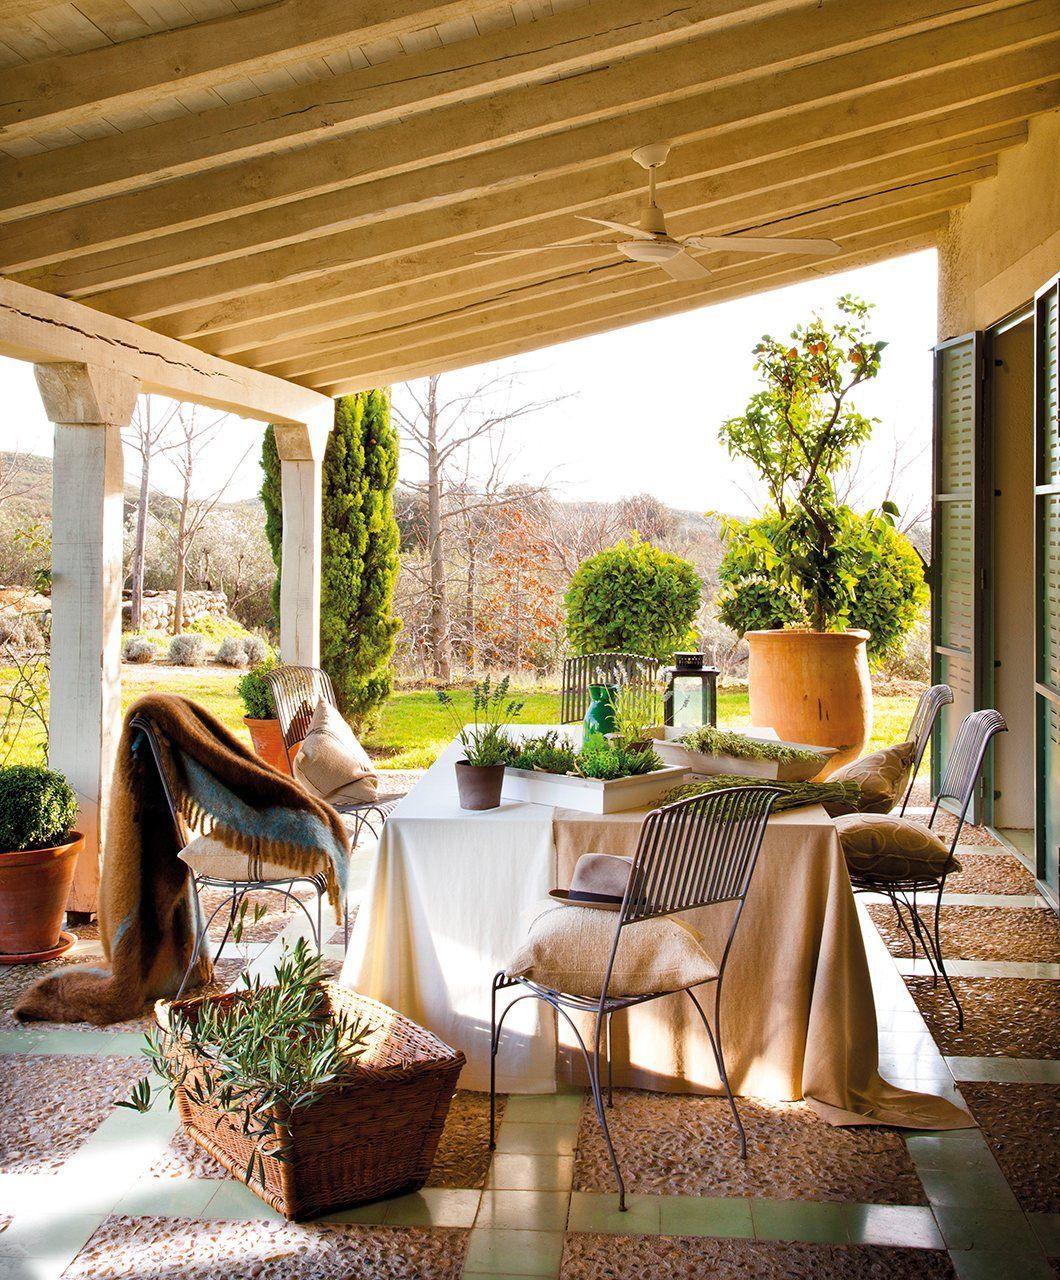 La casa que quería que le echaran más años | Sierra, Casas y Patios